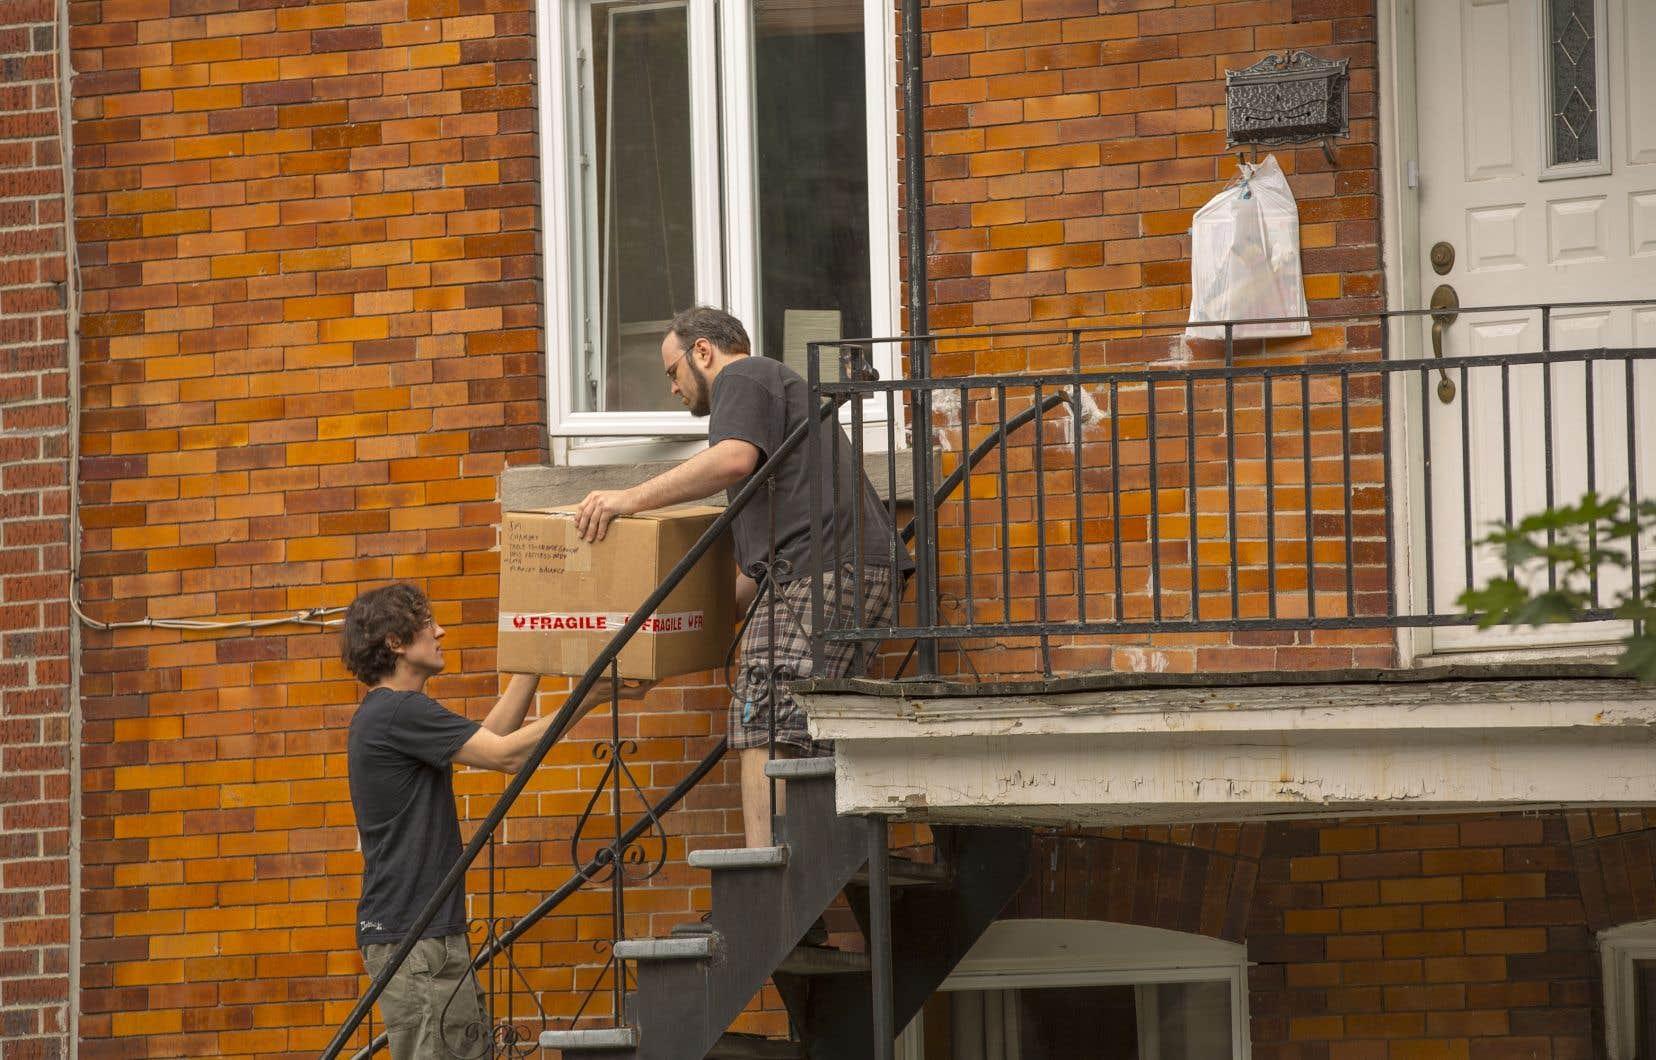 «Si les crises du logement ont été récurrentes dans l'histoire de Montréal, elles ont aussi eu un effet cumulatif, restreignant chaque fois un peu plus l'accès au logement», affirme l'auteur.